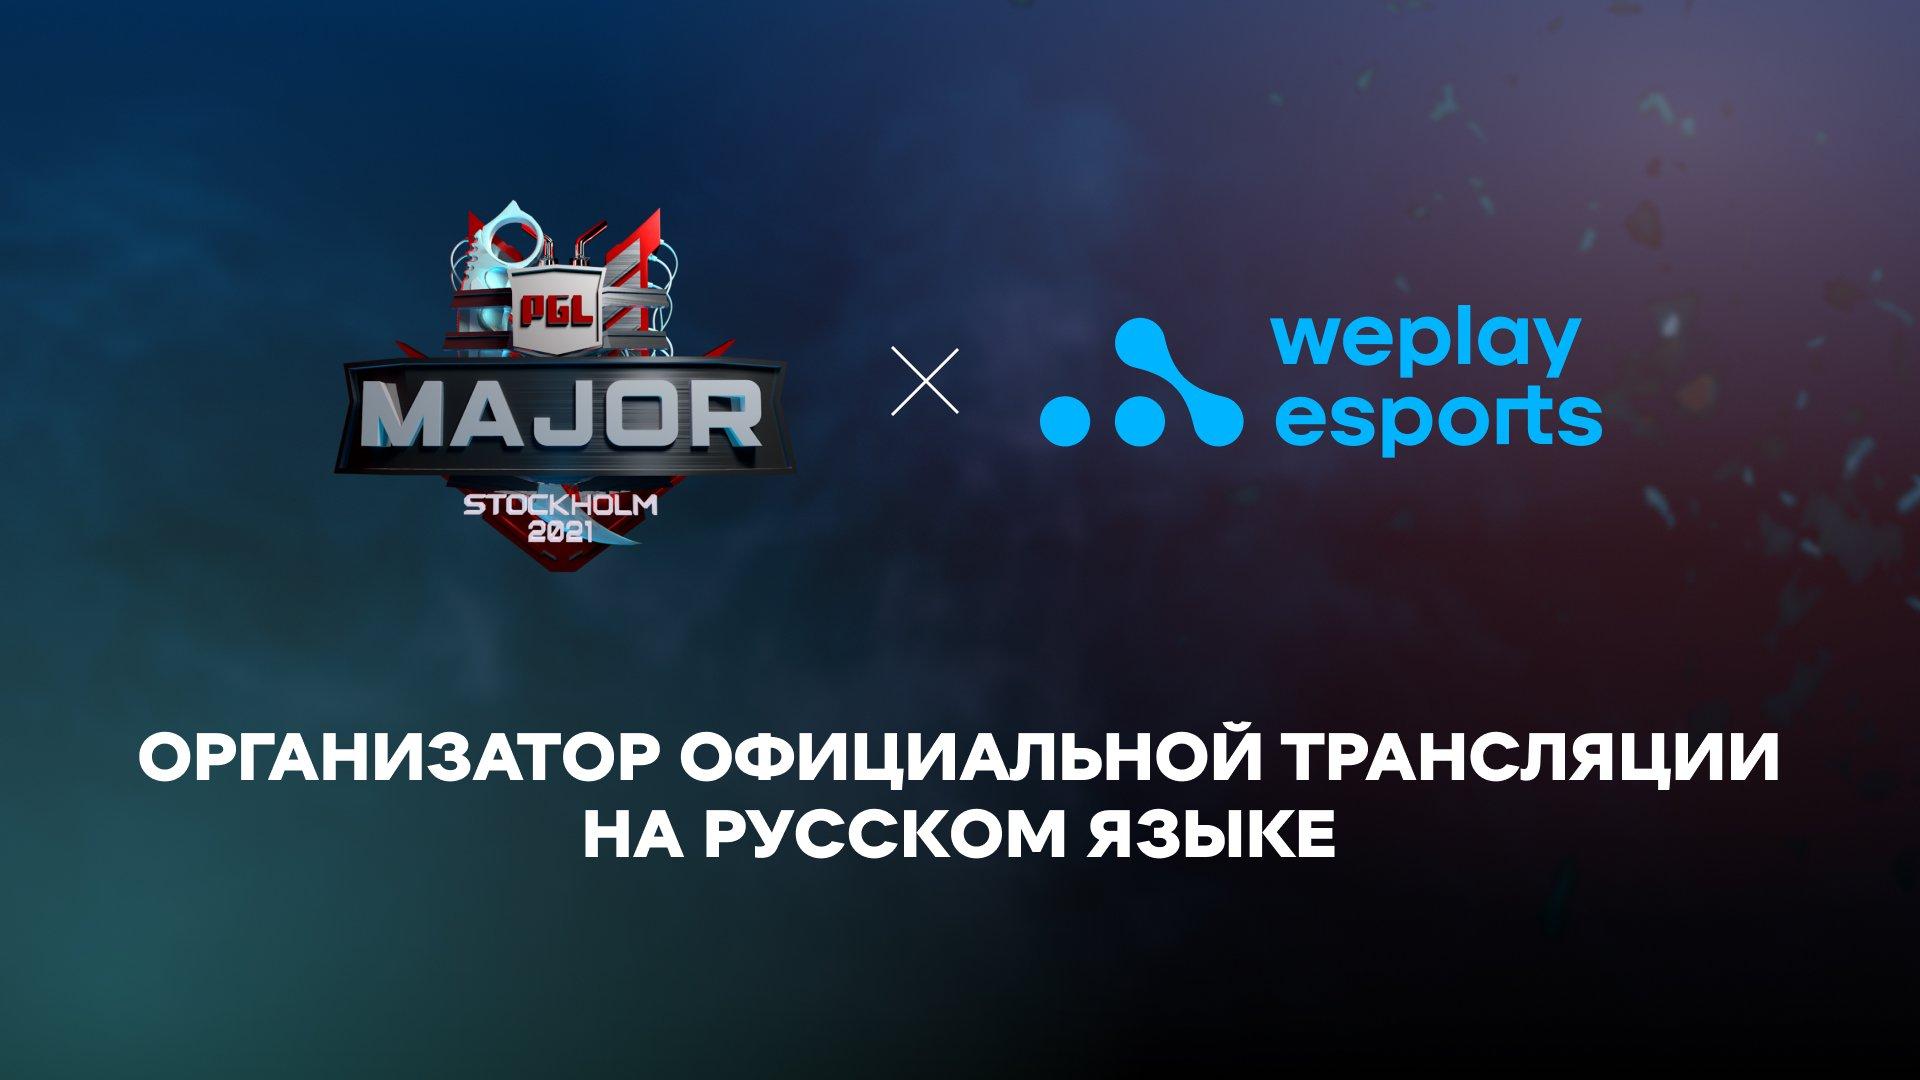 WePlay Esports проведет официальную трансляцию PGL Major Stockholm 2021. Изображение: WePlay Holding